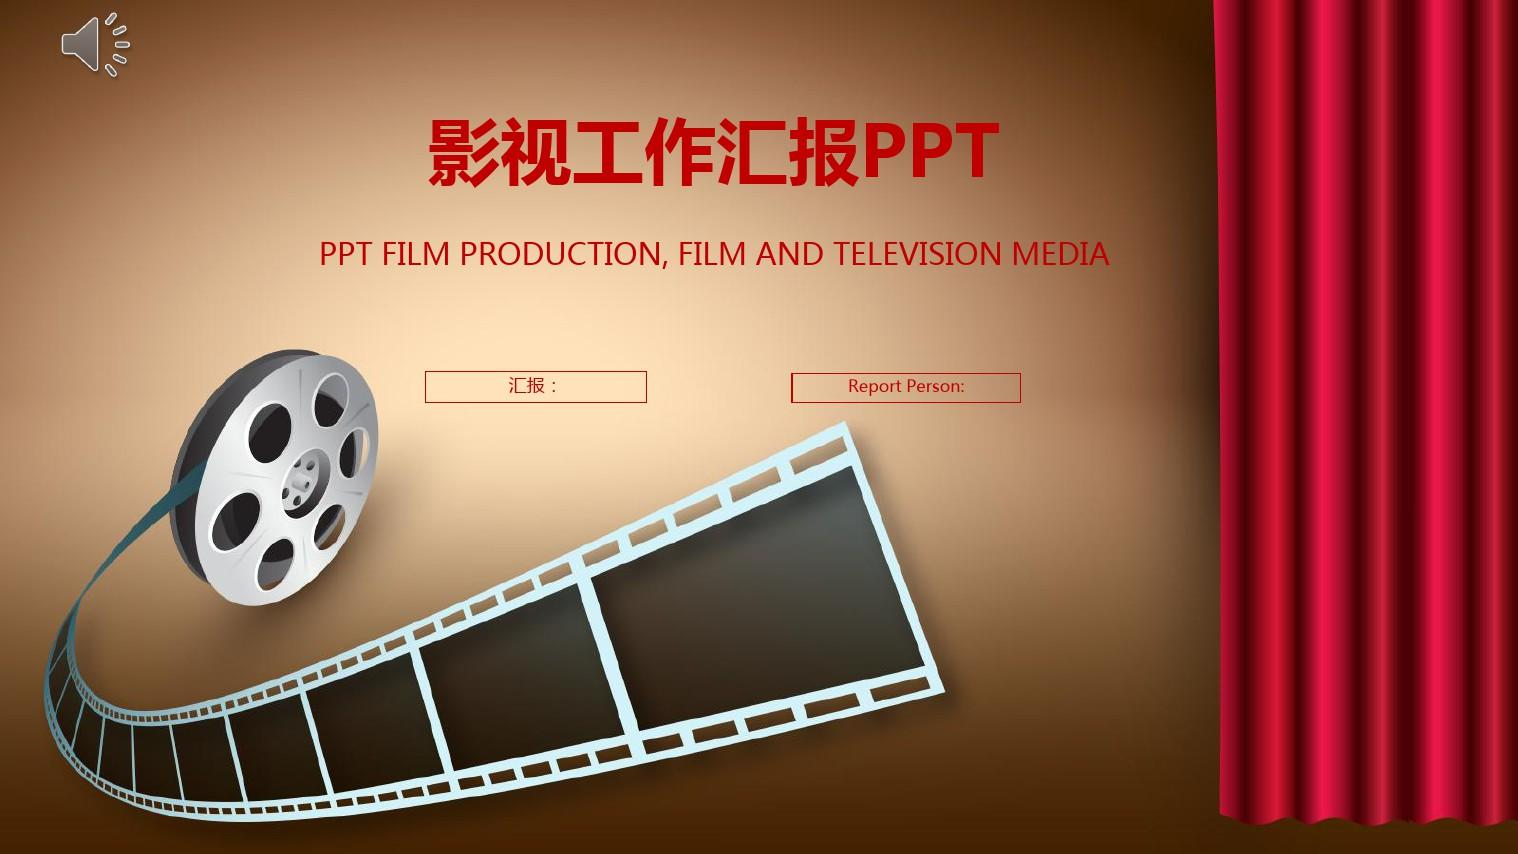 影视模板胶卷帷幔末路电影工作汇报ppt通用主题红色狂花1992电影图片图片